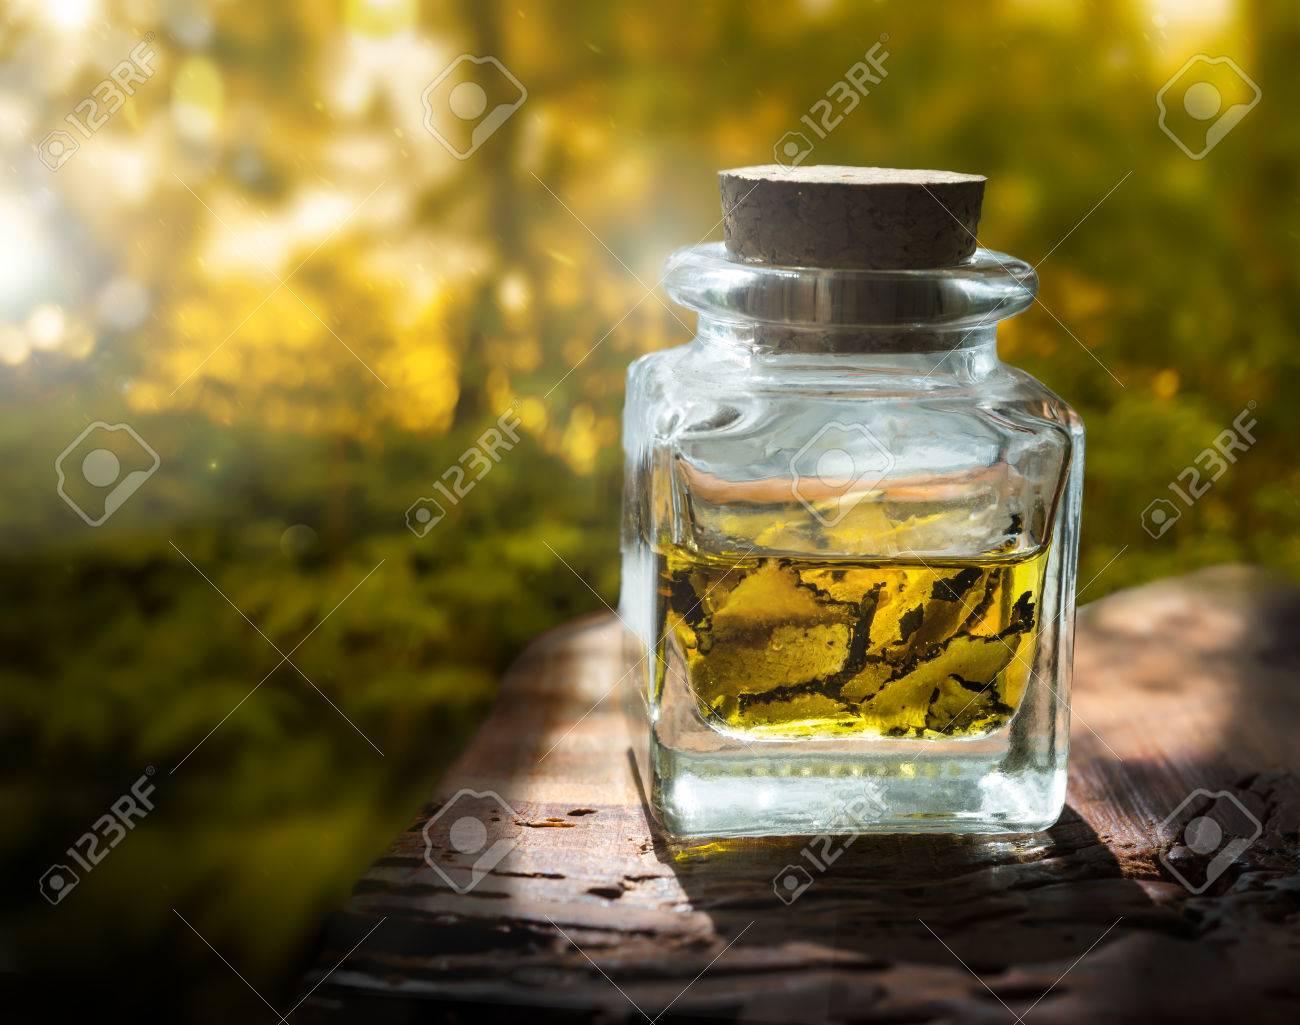 pilz-trüffel in scheiben in glas glas schneiden lizenzfreie fotos